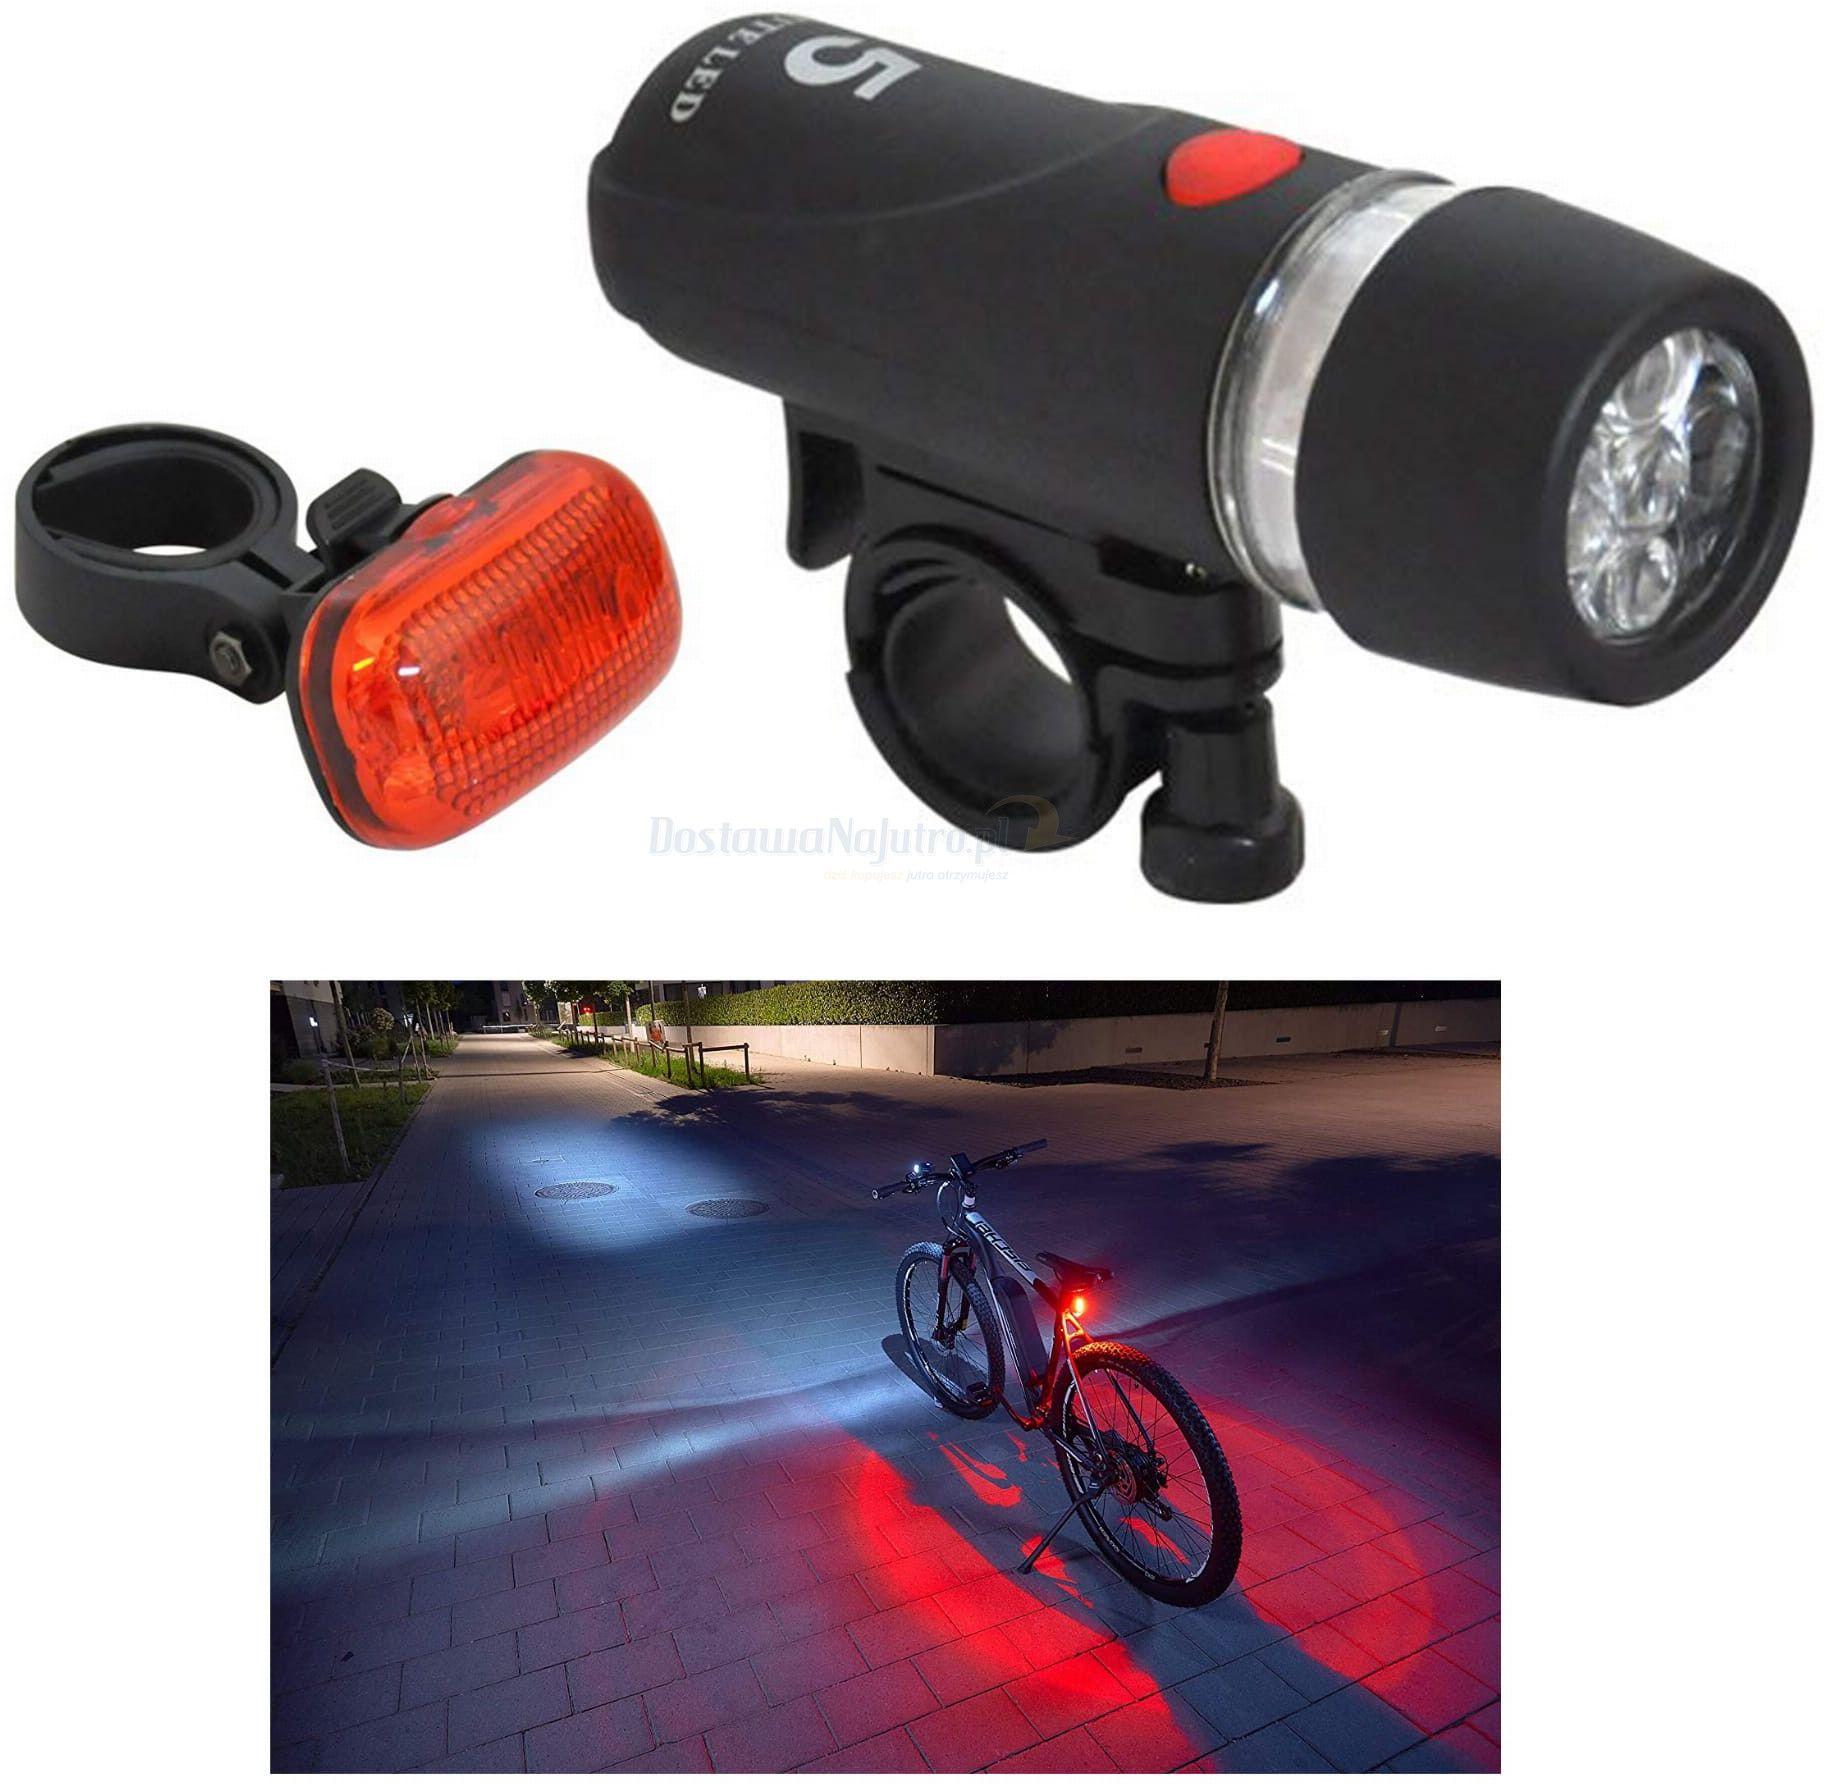 Oświetlenie rowerowe Axer przednia i tylna lampka LED